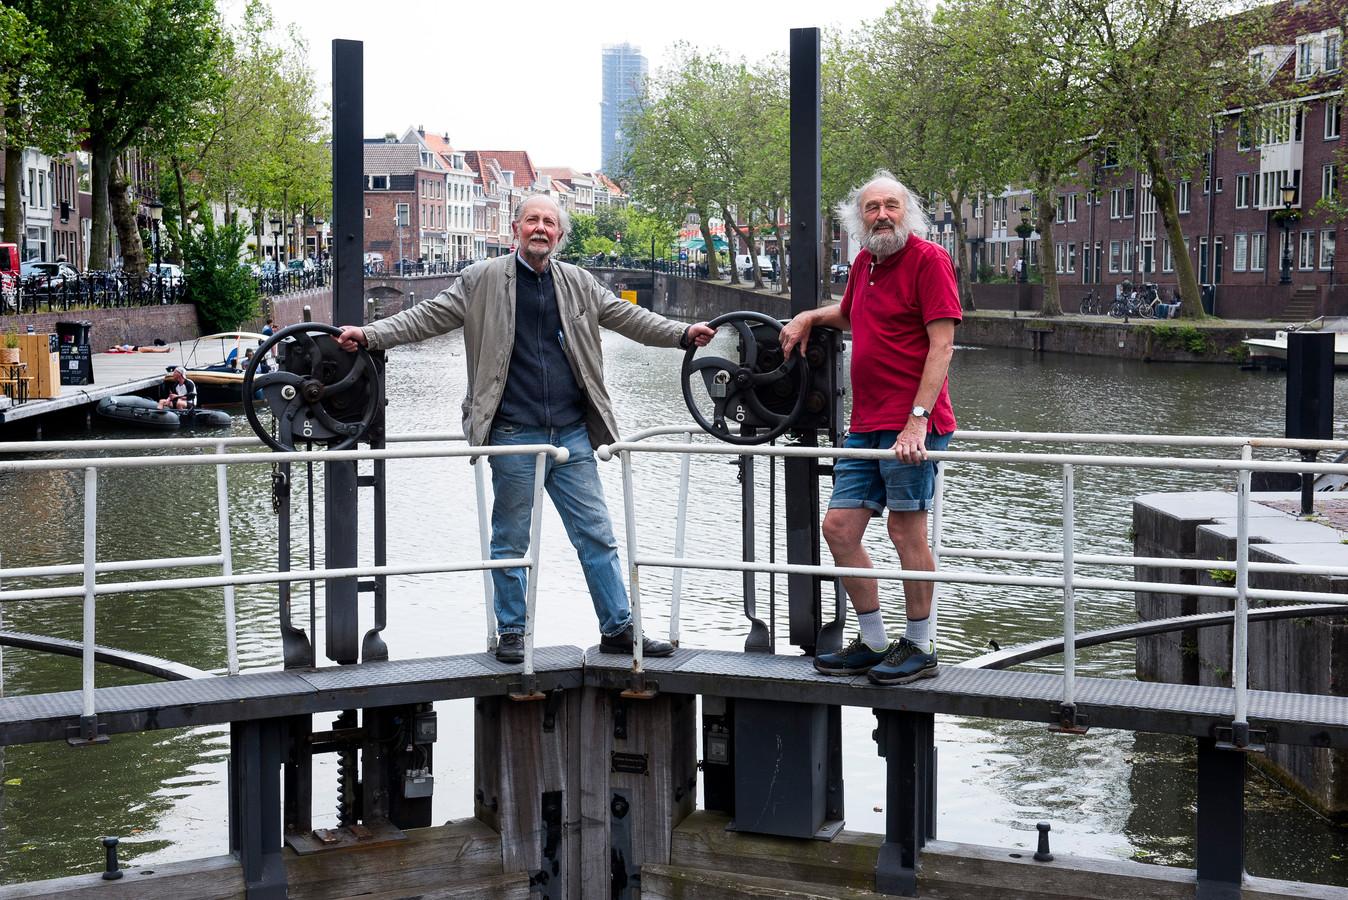 Omwonenden Frank Ooms (links) en Ben Nijssen zijn fel tegen het plan om een fietsbrug aan te leggen over de singel bij de Weerdsluis.